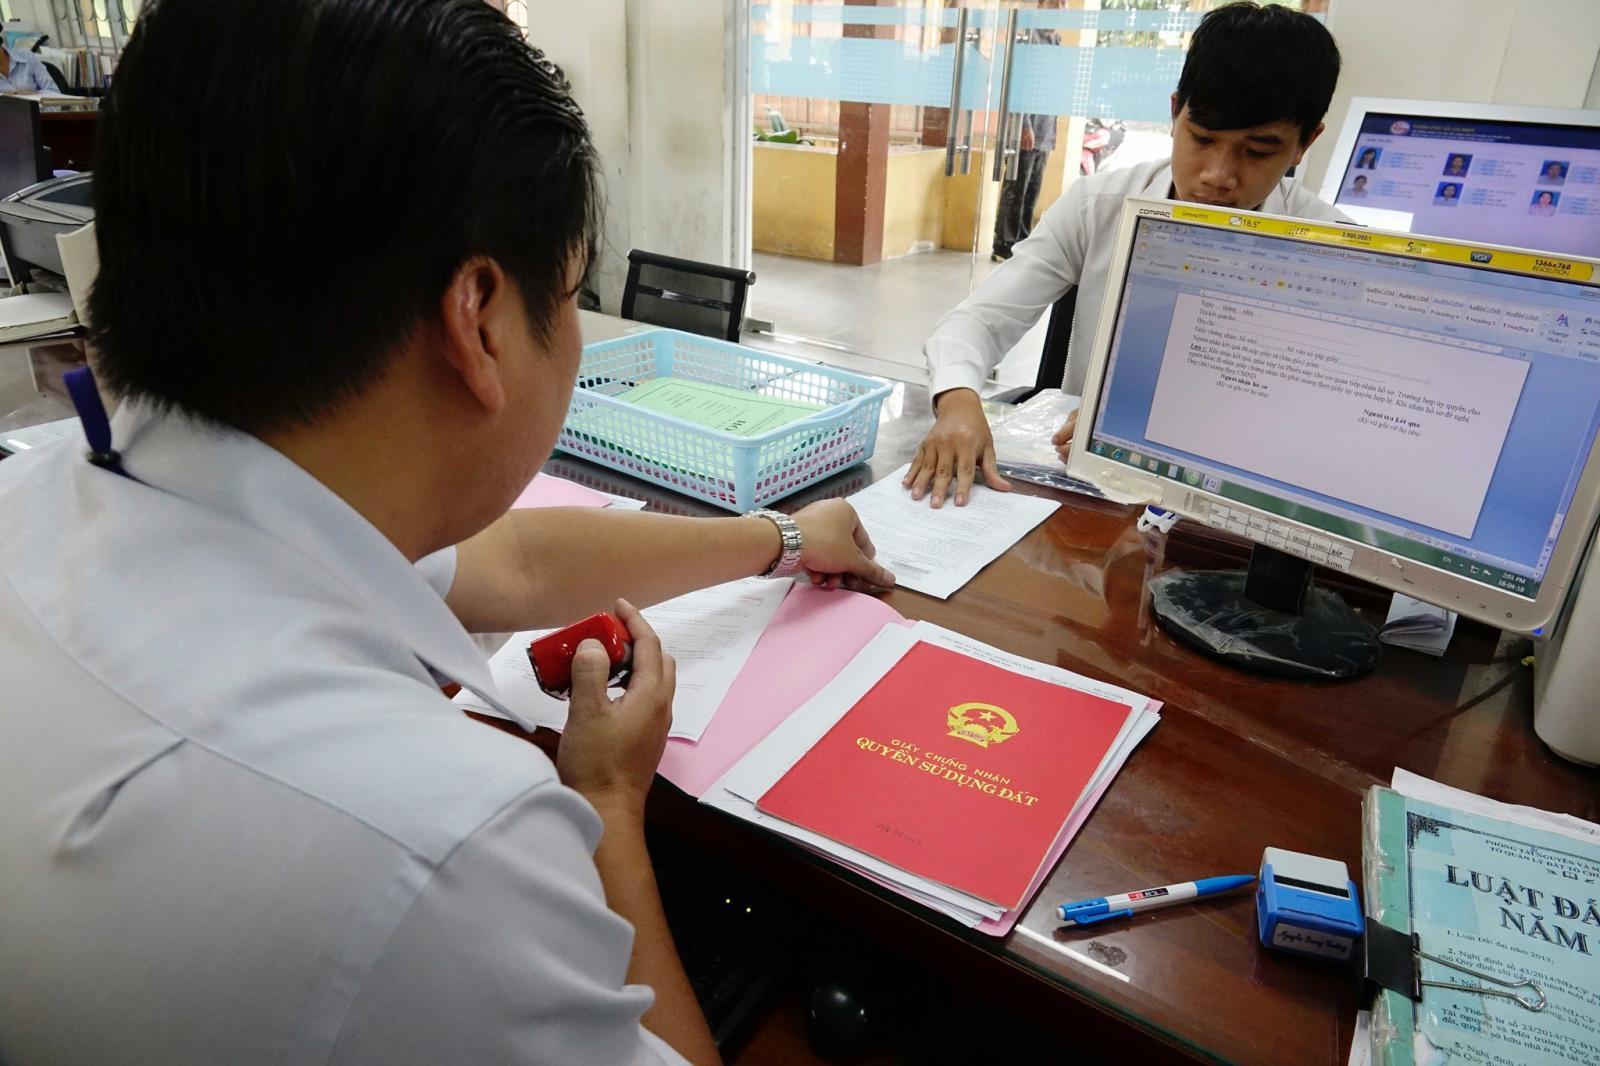 Cơ quan nhà nước có thẩm quyền sẽ có trách nhiệm trả kết quả cho công dân trong vòng 15 - 25 ngày làm việc